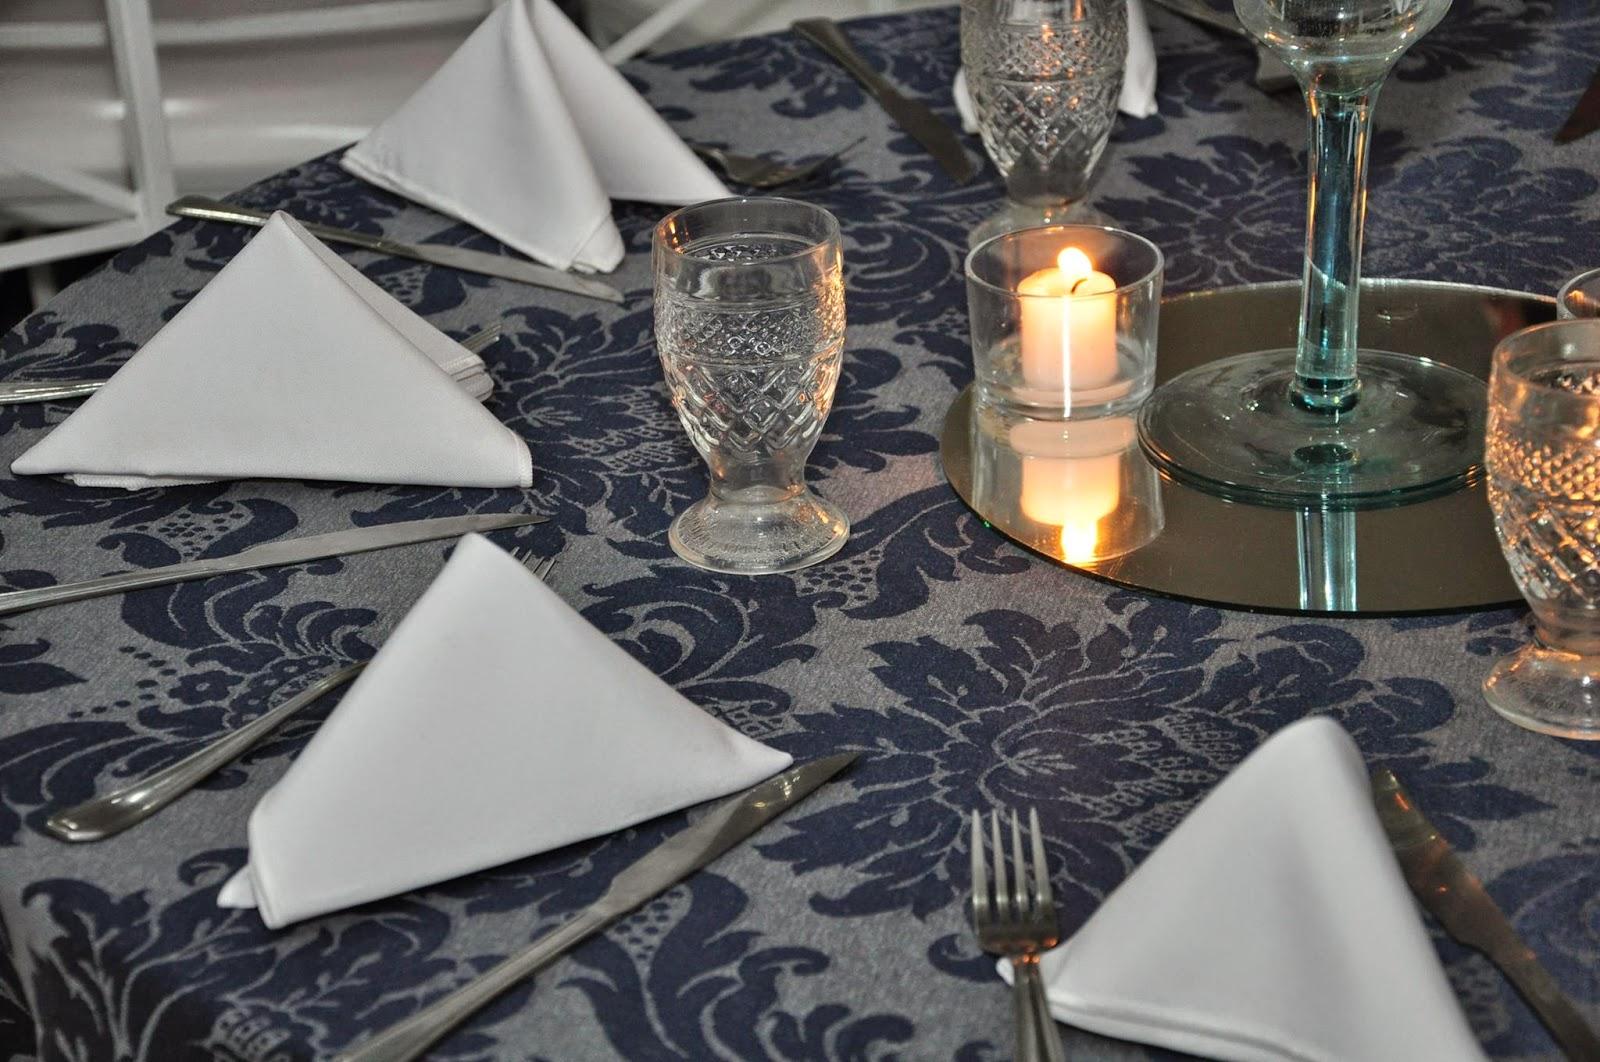 decoracao casamento azul marinho e amarelo : decoracao casamento azul marinho e amarelo:buffet bolando festas: Casamento decoração azul marinho e amarelo 23